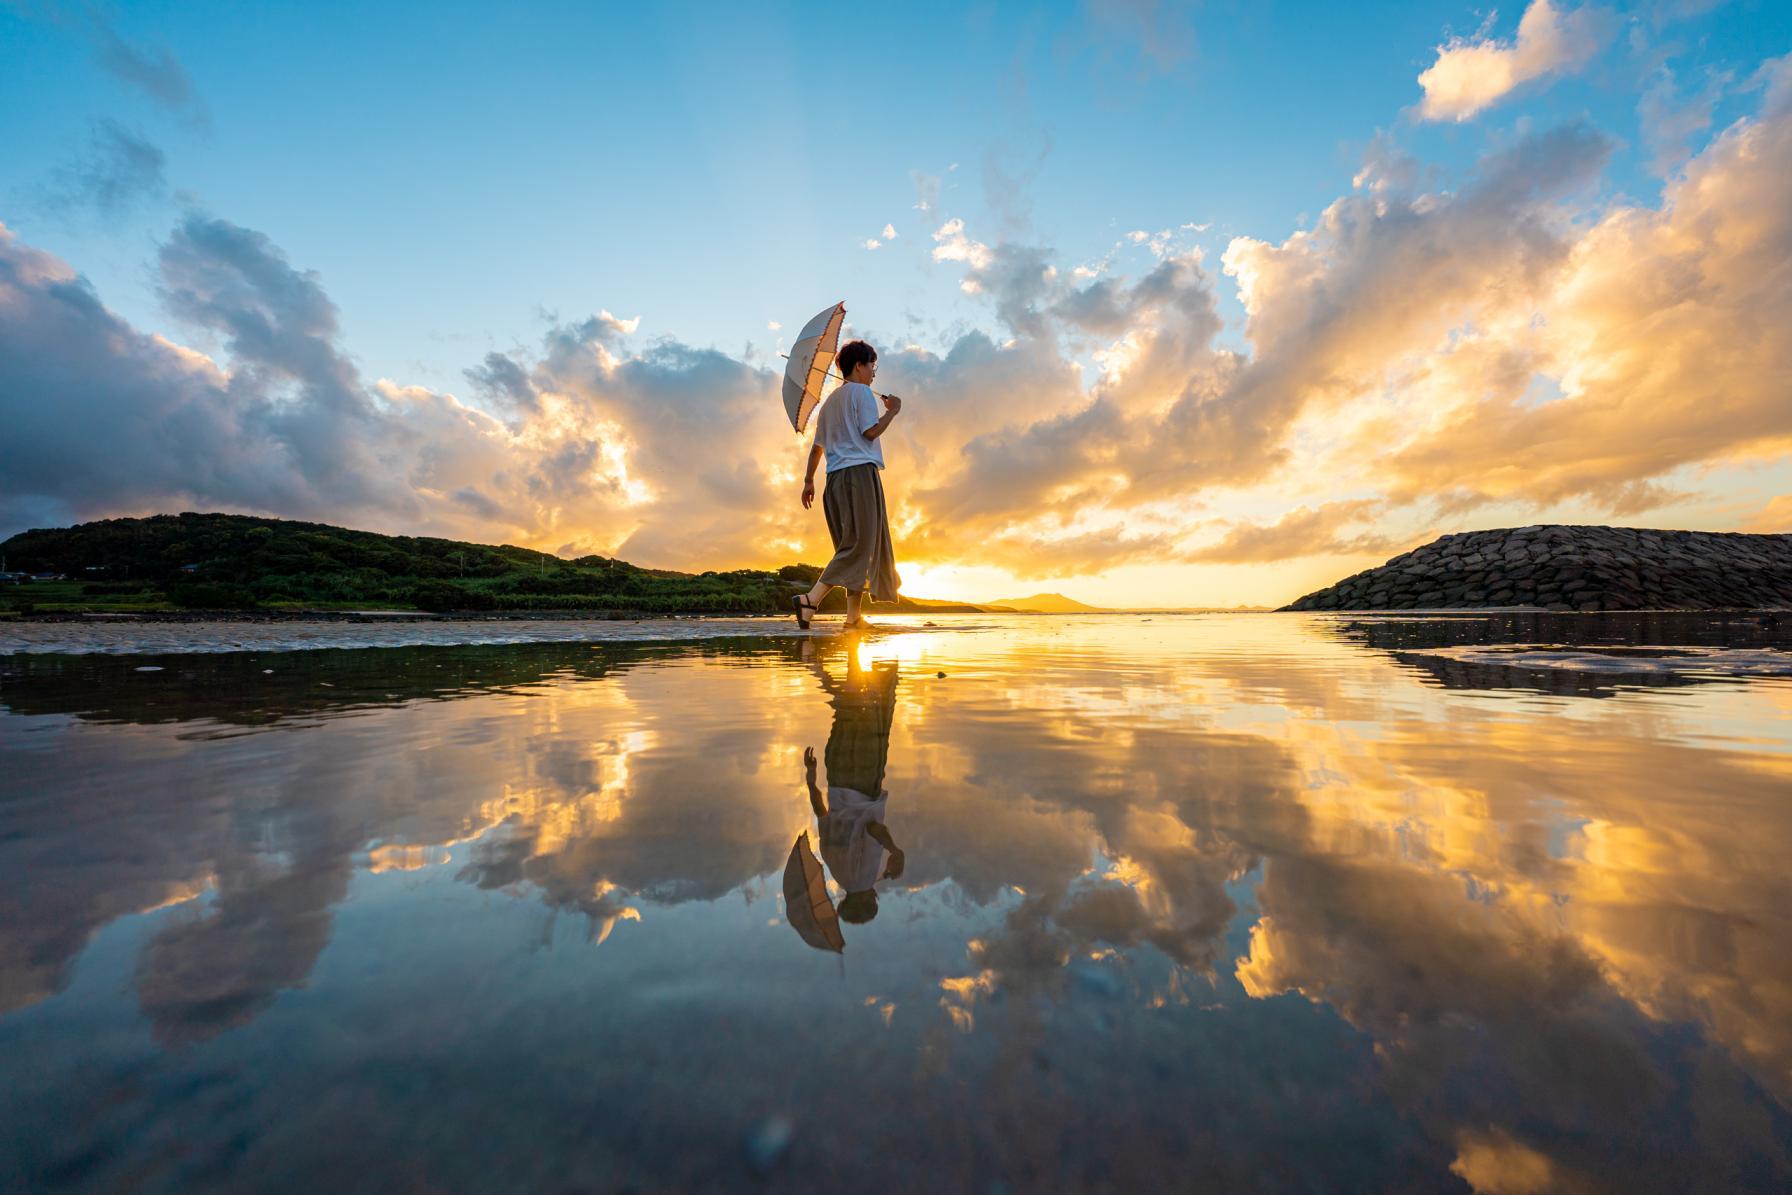 九州のウユニ塩湖・大崎海水浴場で撮る!歓声が上がるほど完璧なリフレクション-3